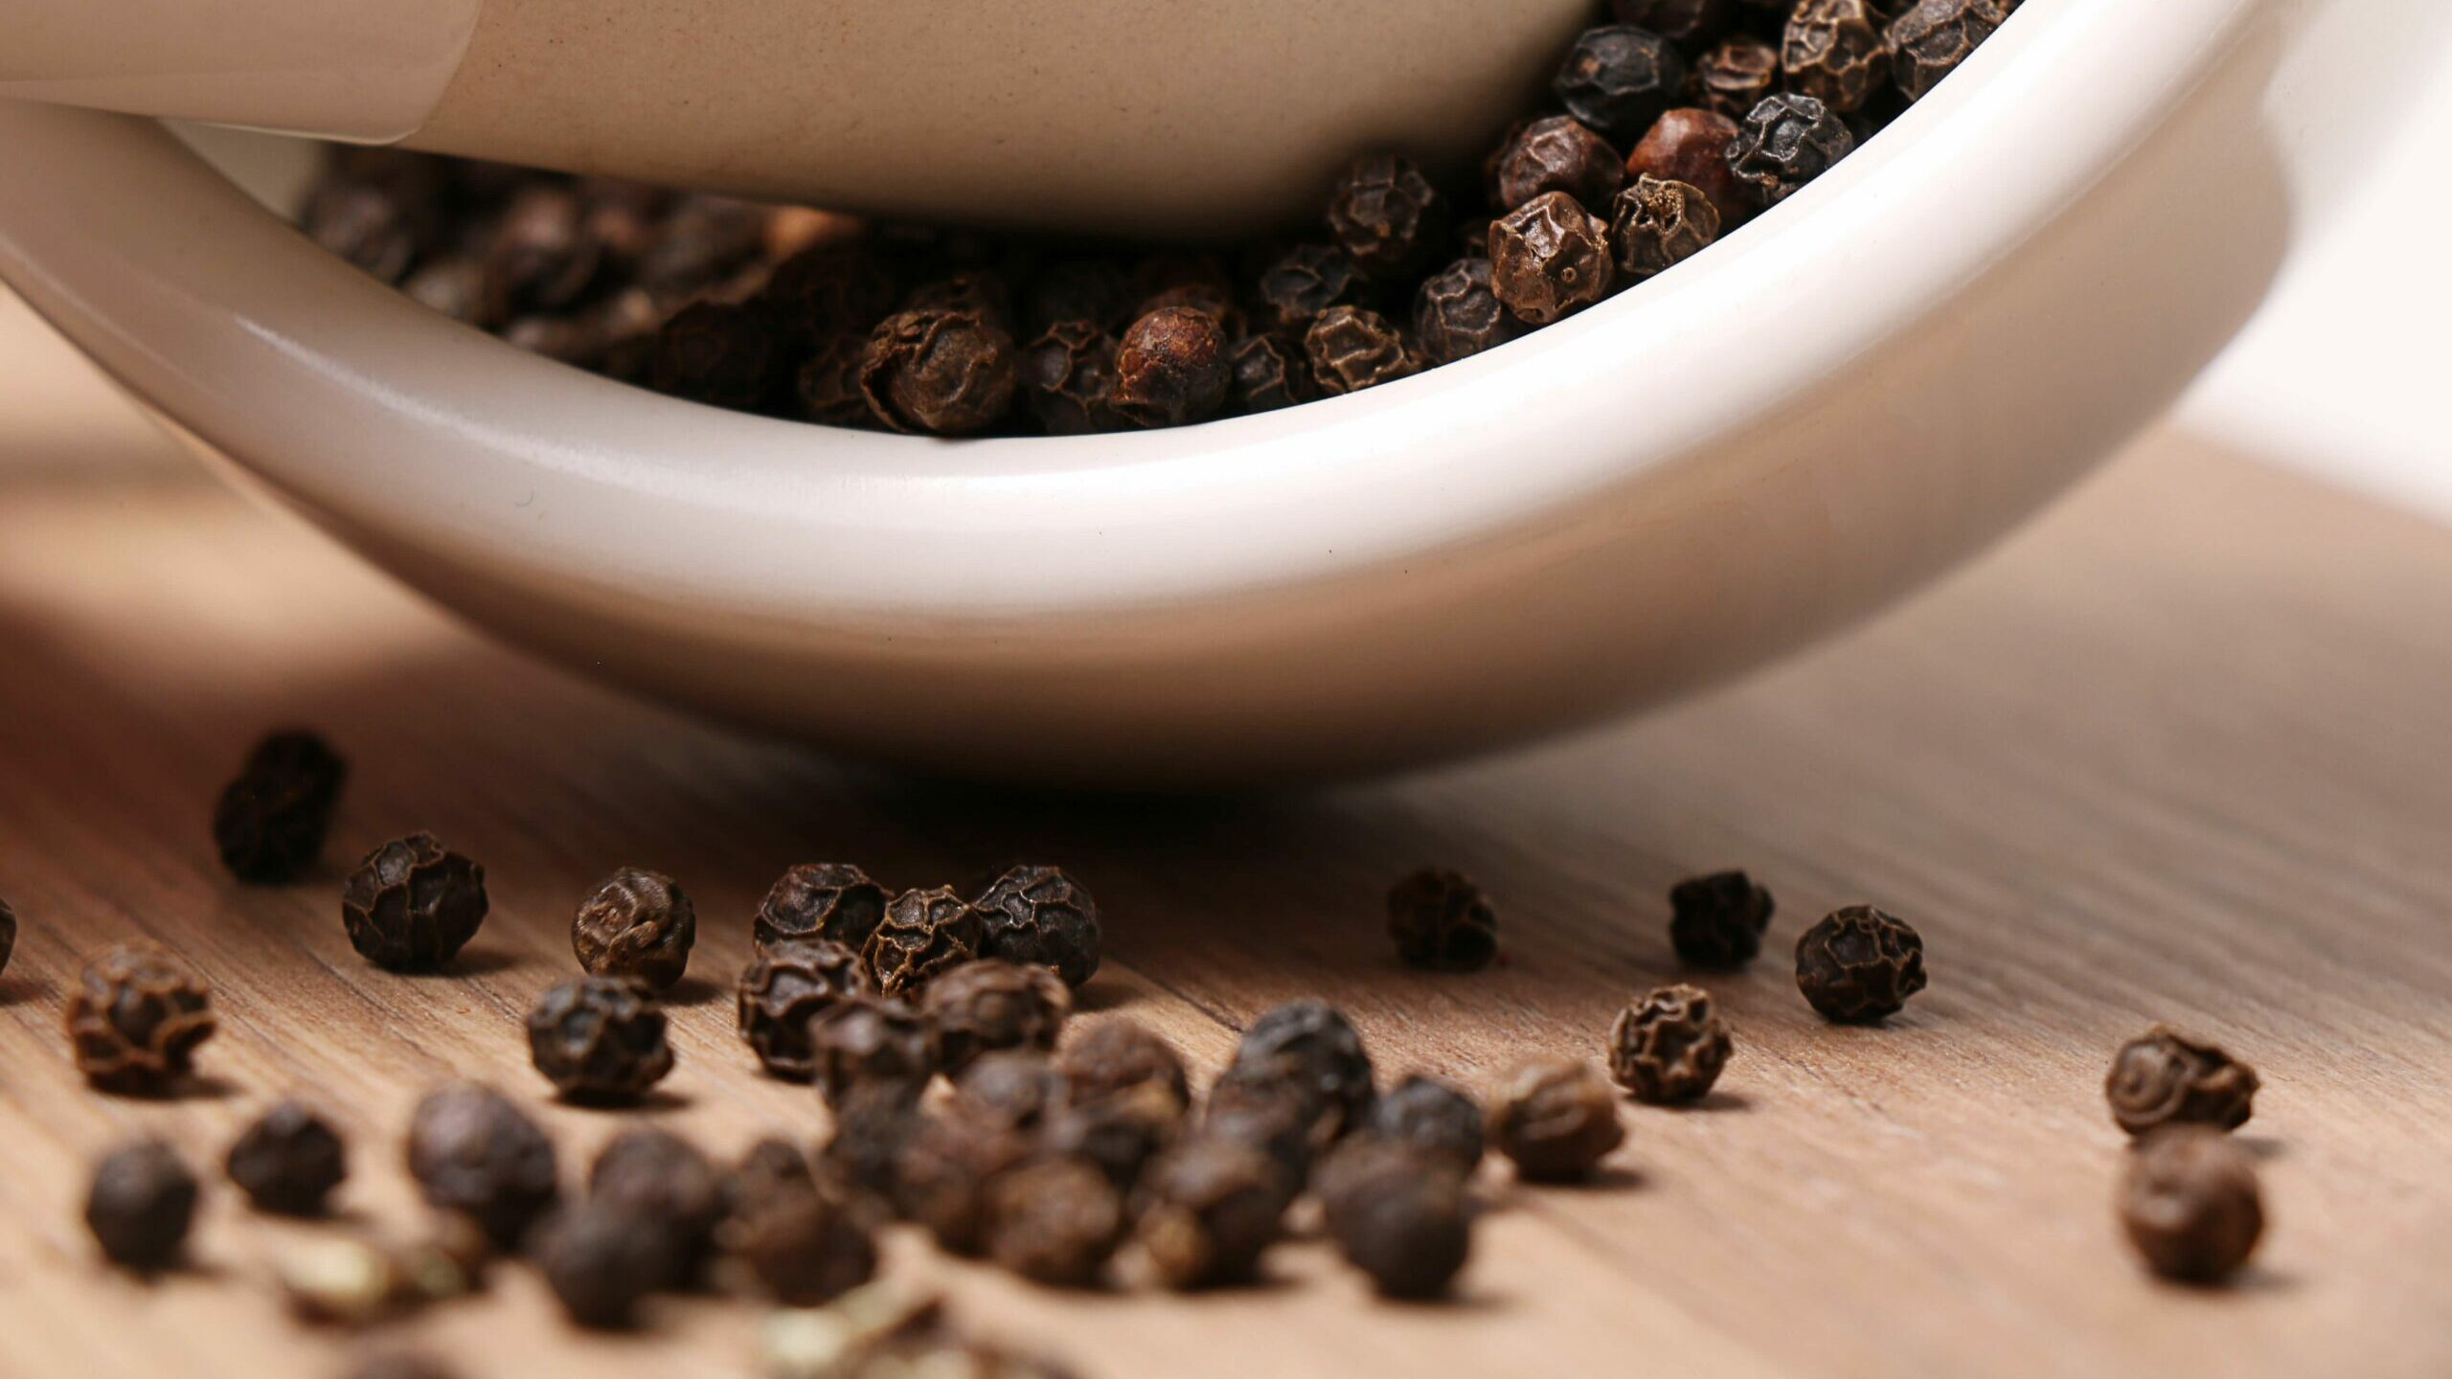 black peppercorns in mortar and pestle bowl